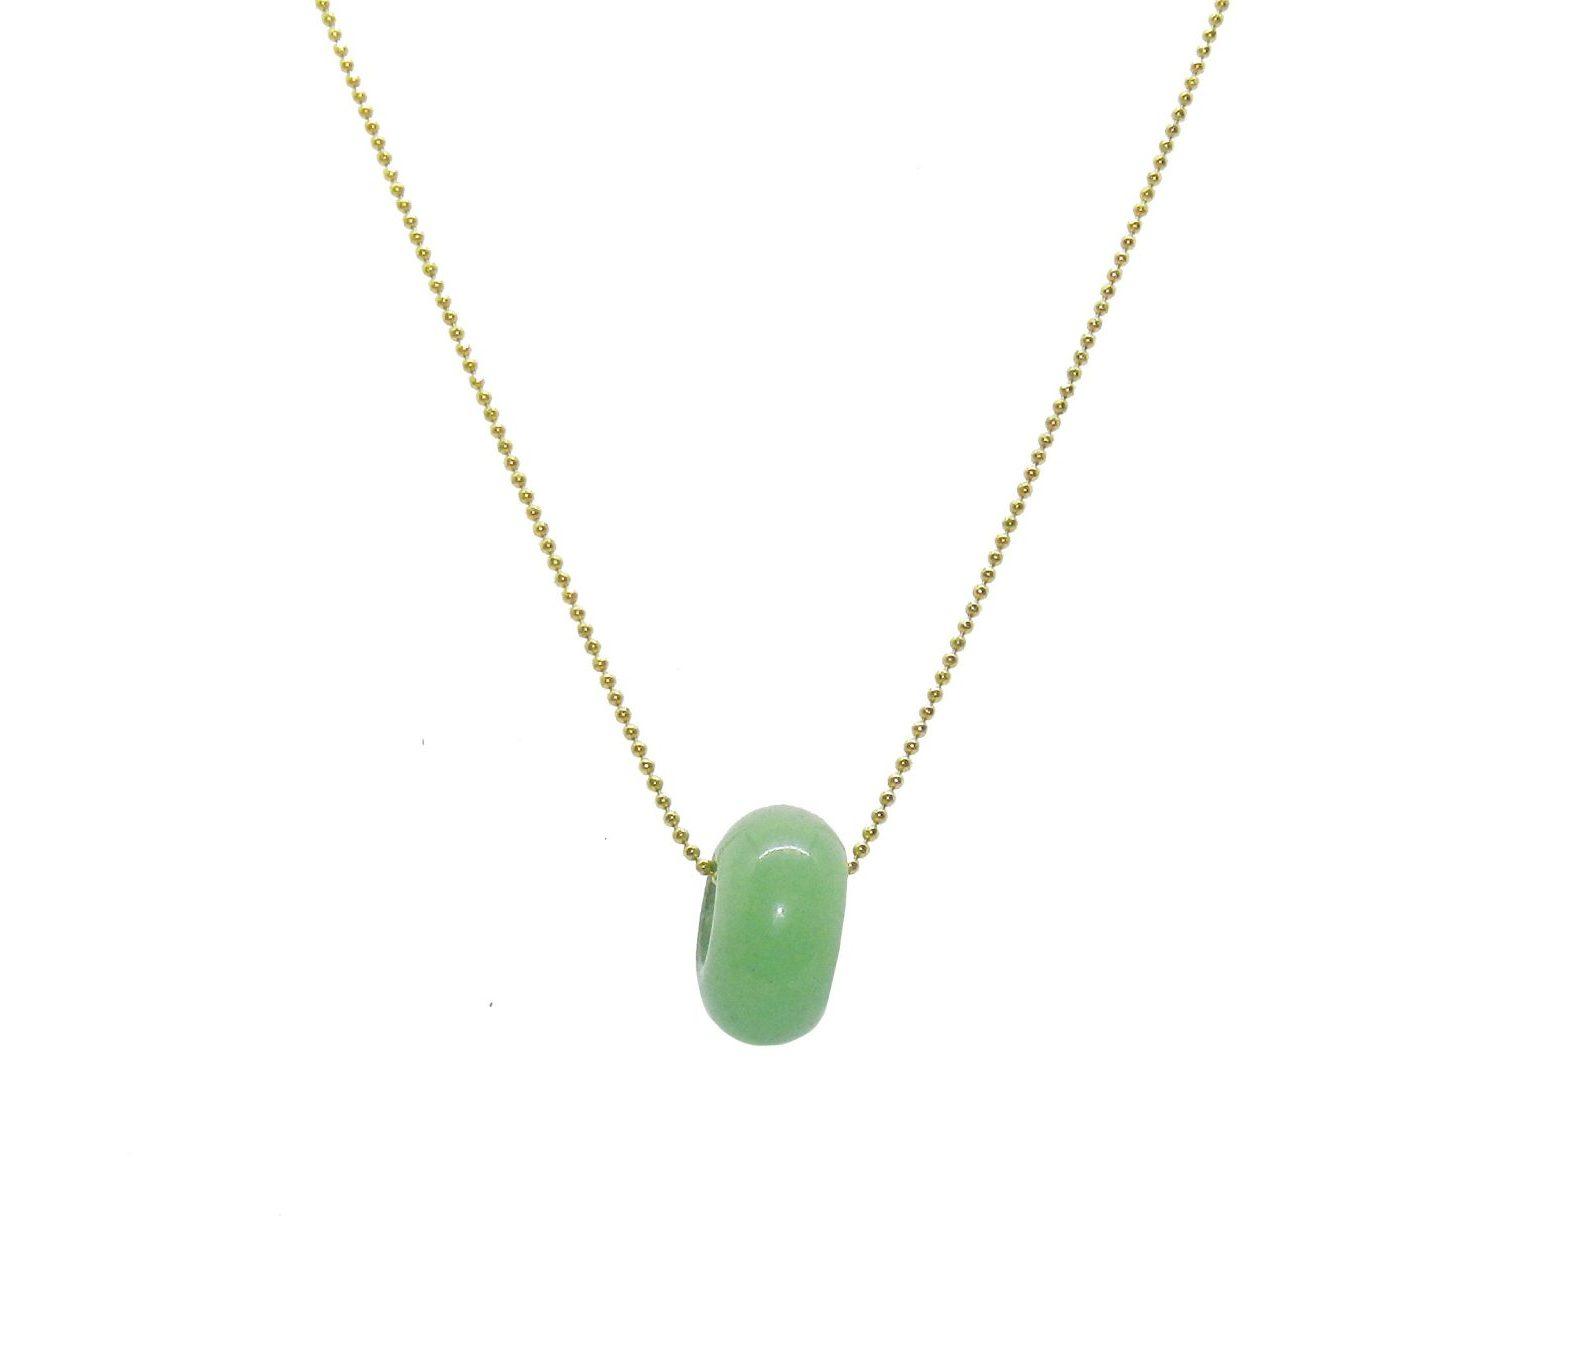 Collar con aventurina verde en forma de dona